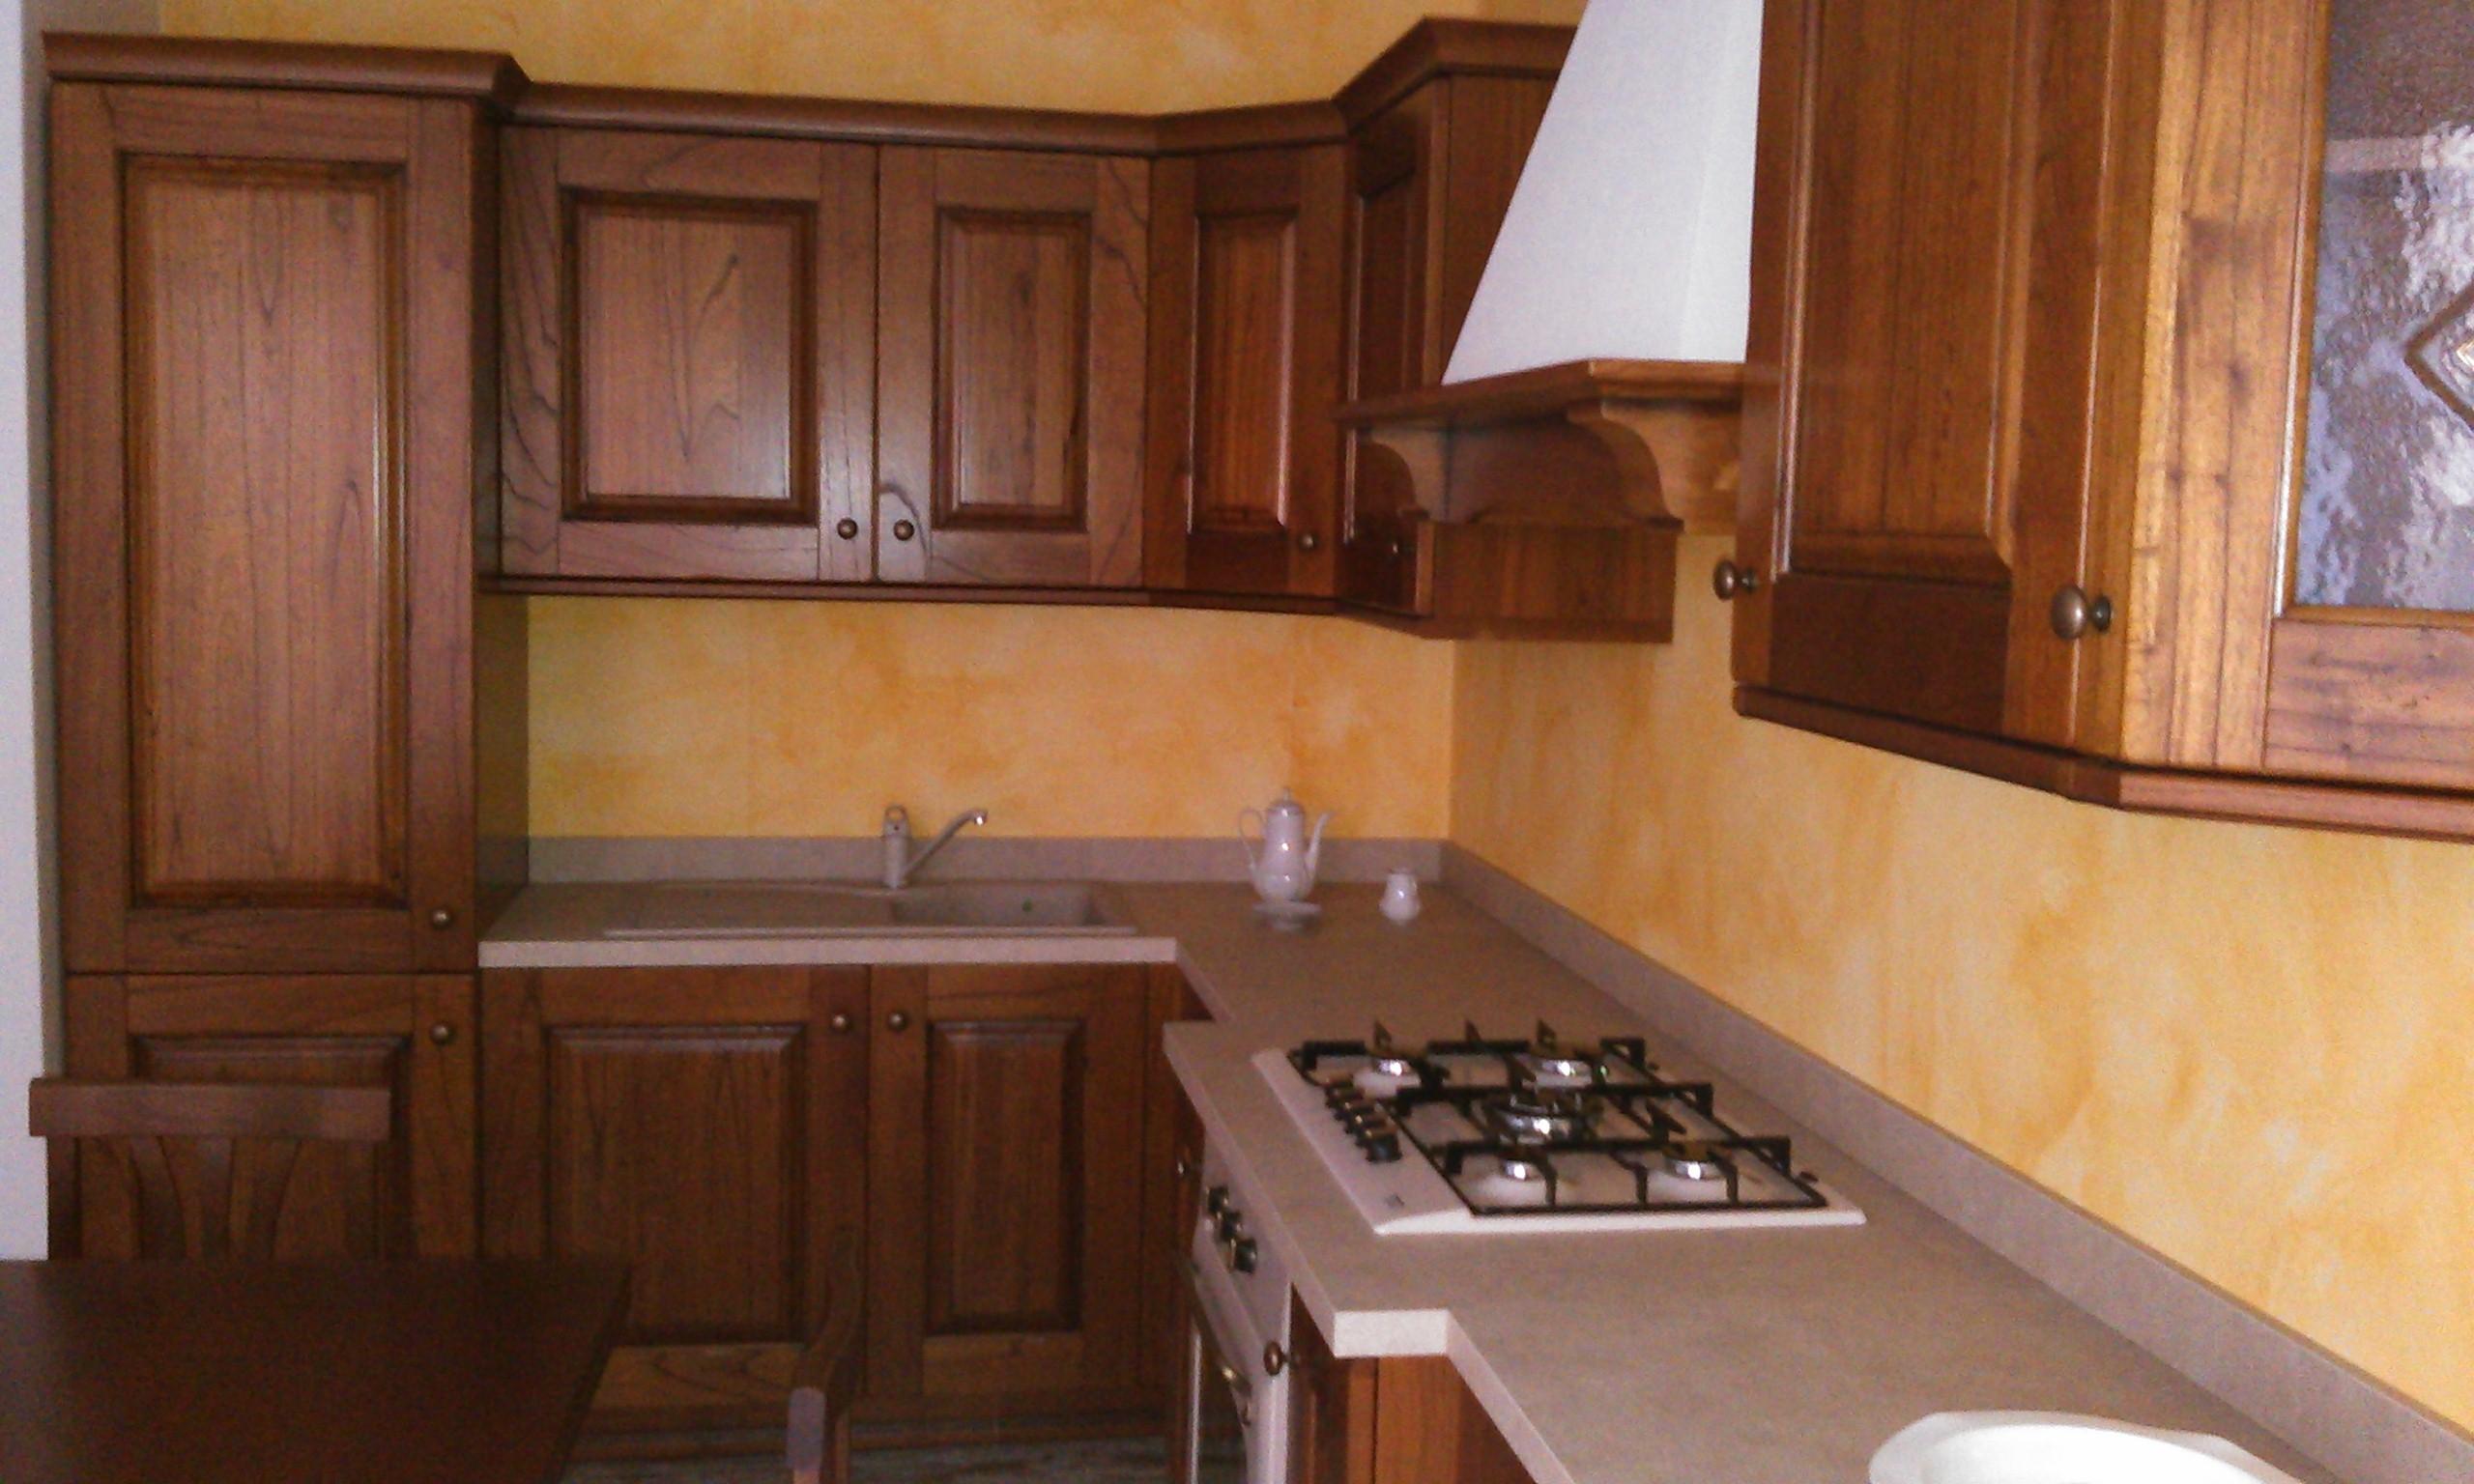 Cucina in castagno masello - Cucine a prezzi scontati